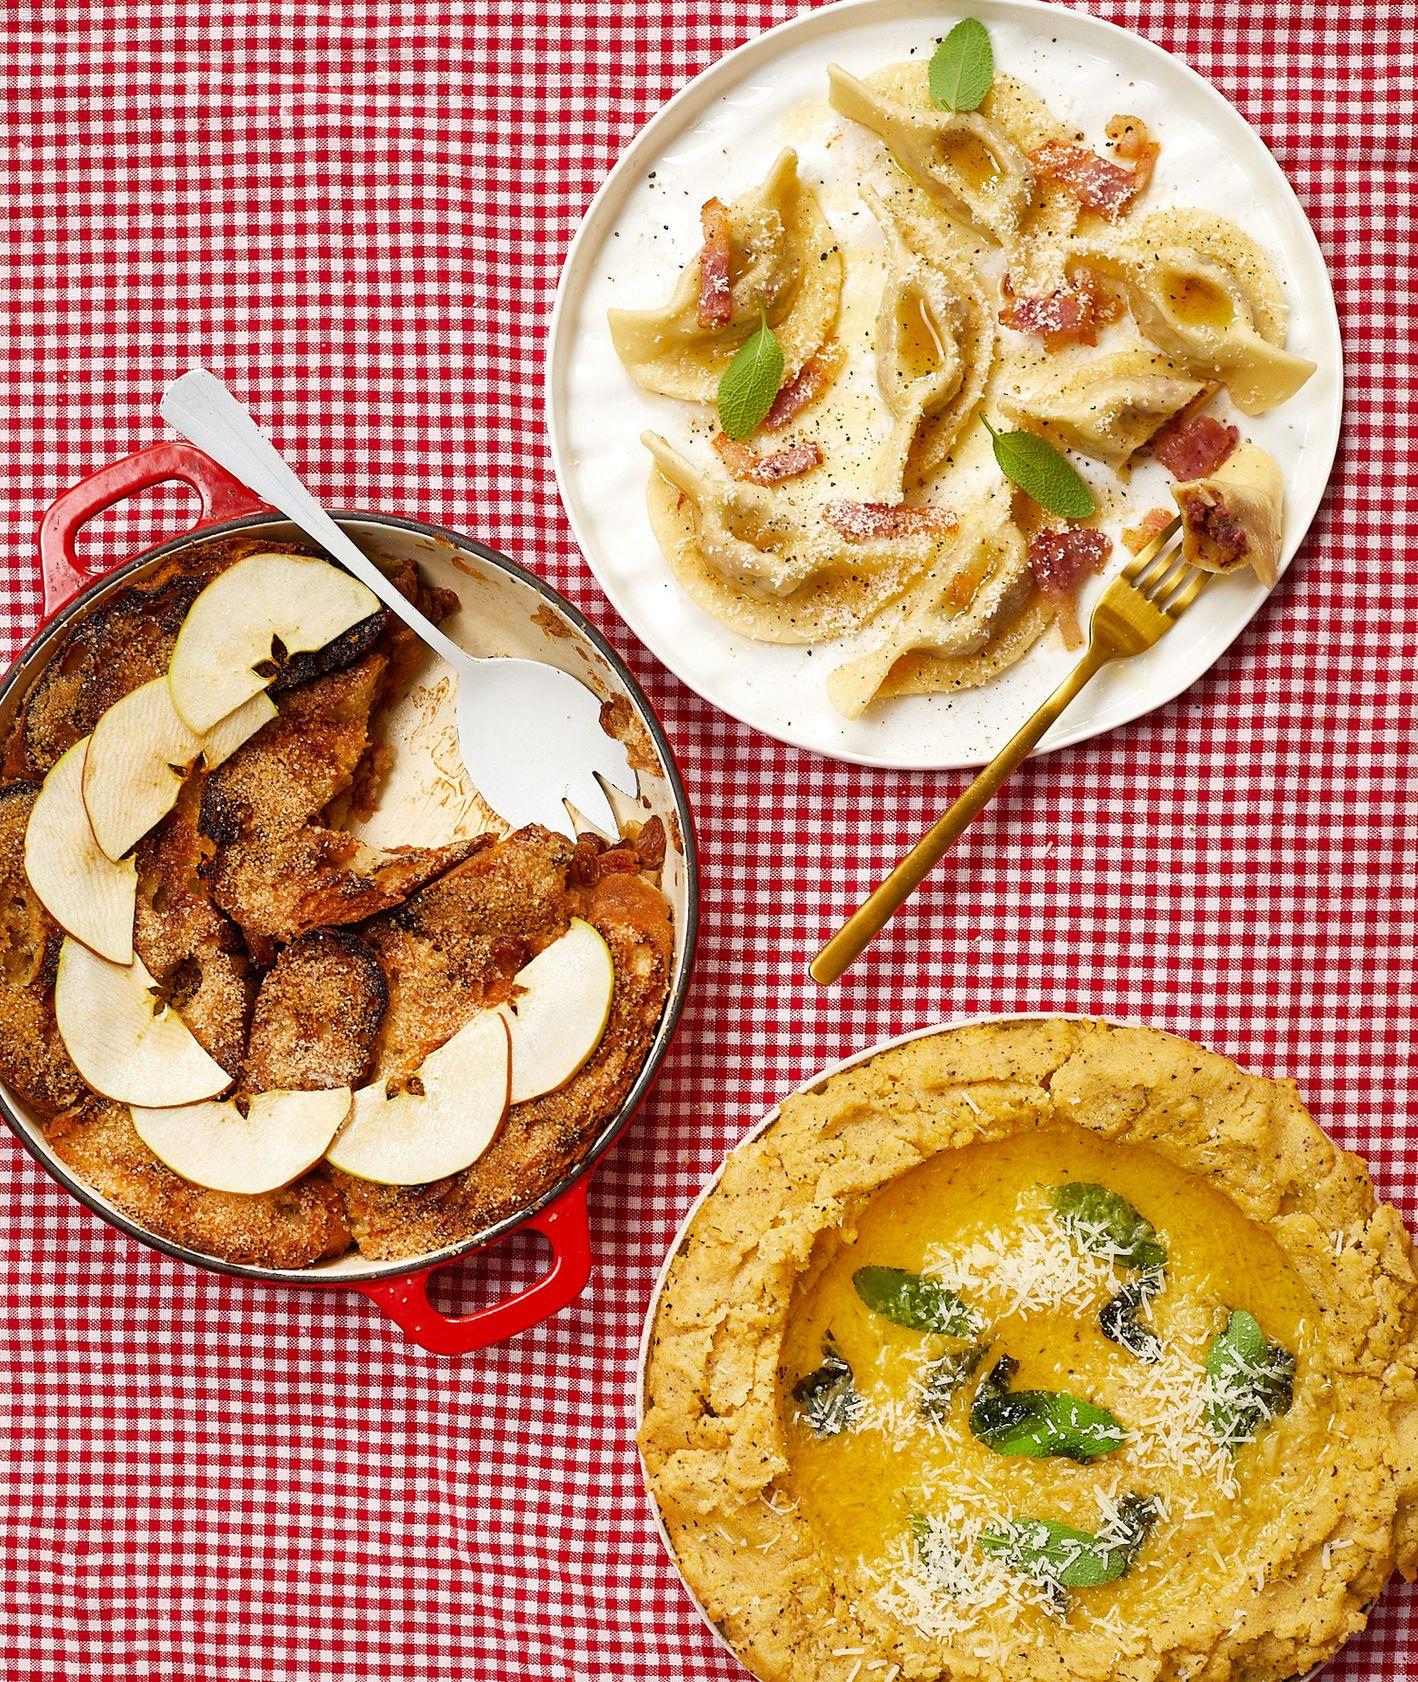 Włoska szkoła gotowania: regionalna kuchnia Bergamo (fot. Maciek Niemojewski)